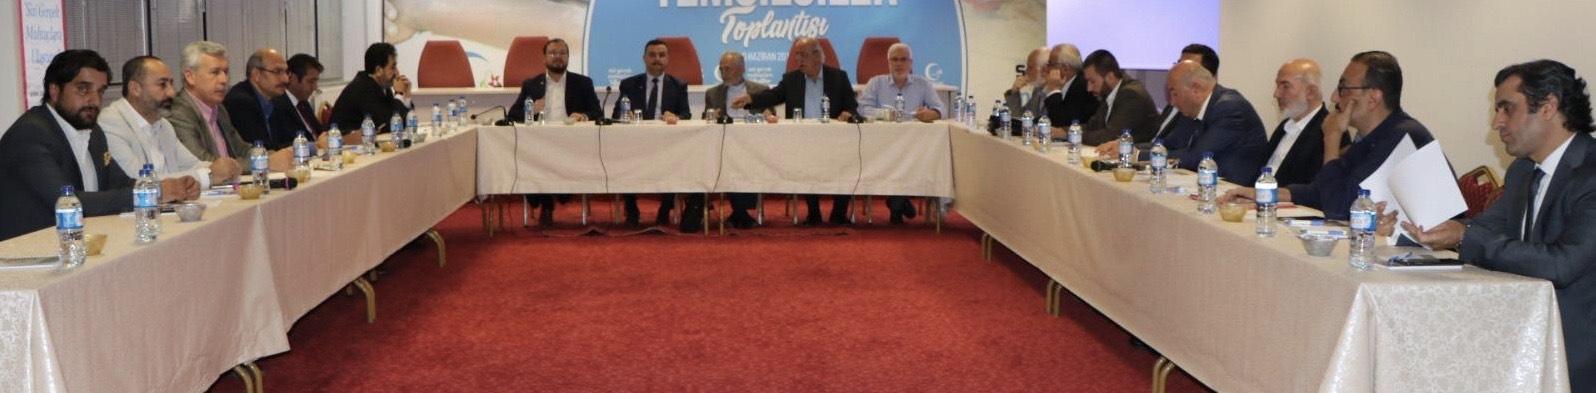 Milli Görüşçü Kuruluşlar MİLKO KOORDİNASYON Toplantısı Ankara'da yapıldı - HABERLER - İKEV - İlim Kültür ve Eğitim Vakfı